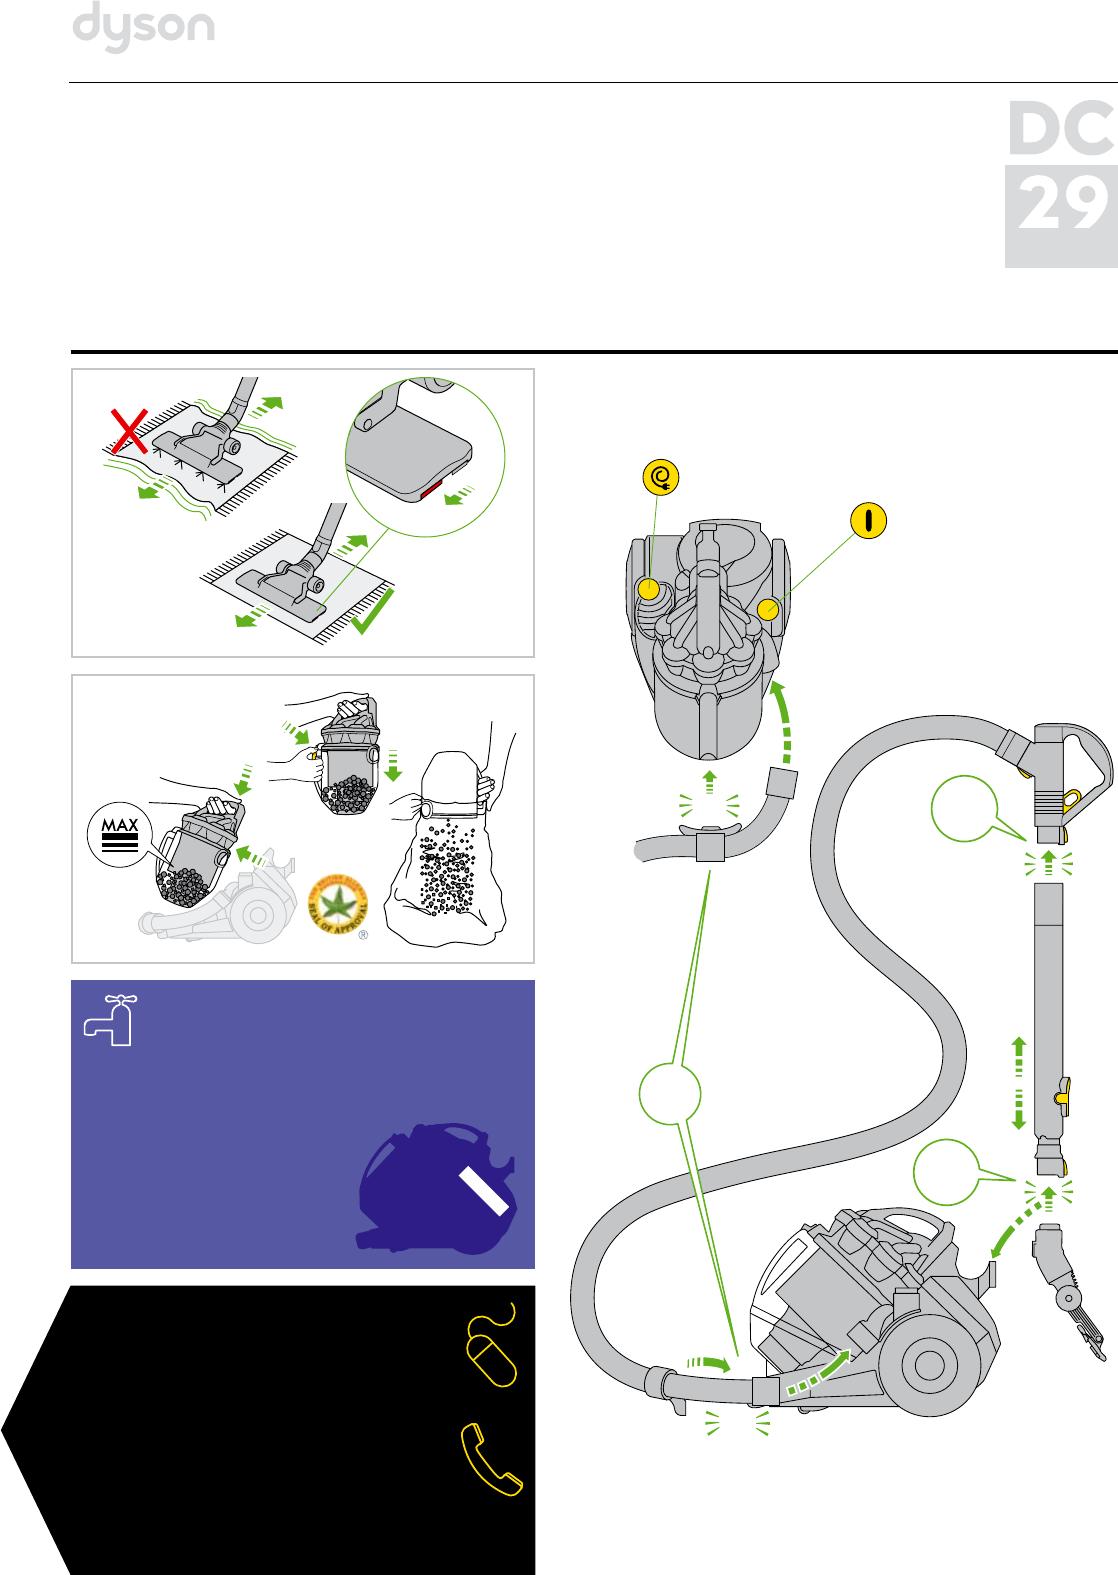 Инструкция от пылесоса дайсон офис дайсон